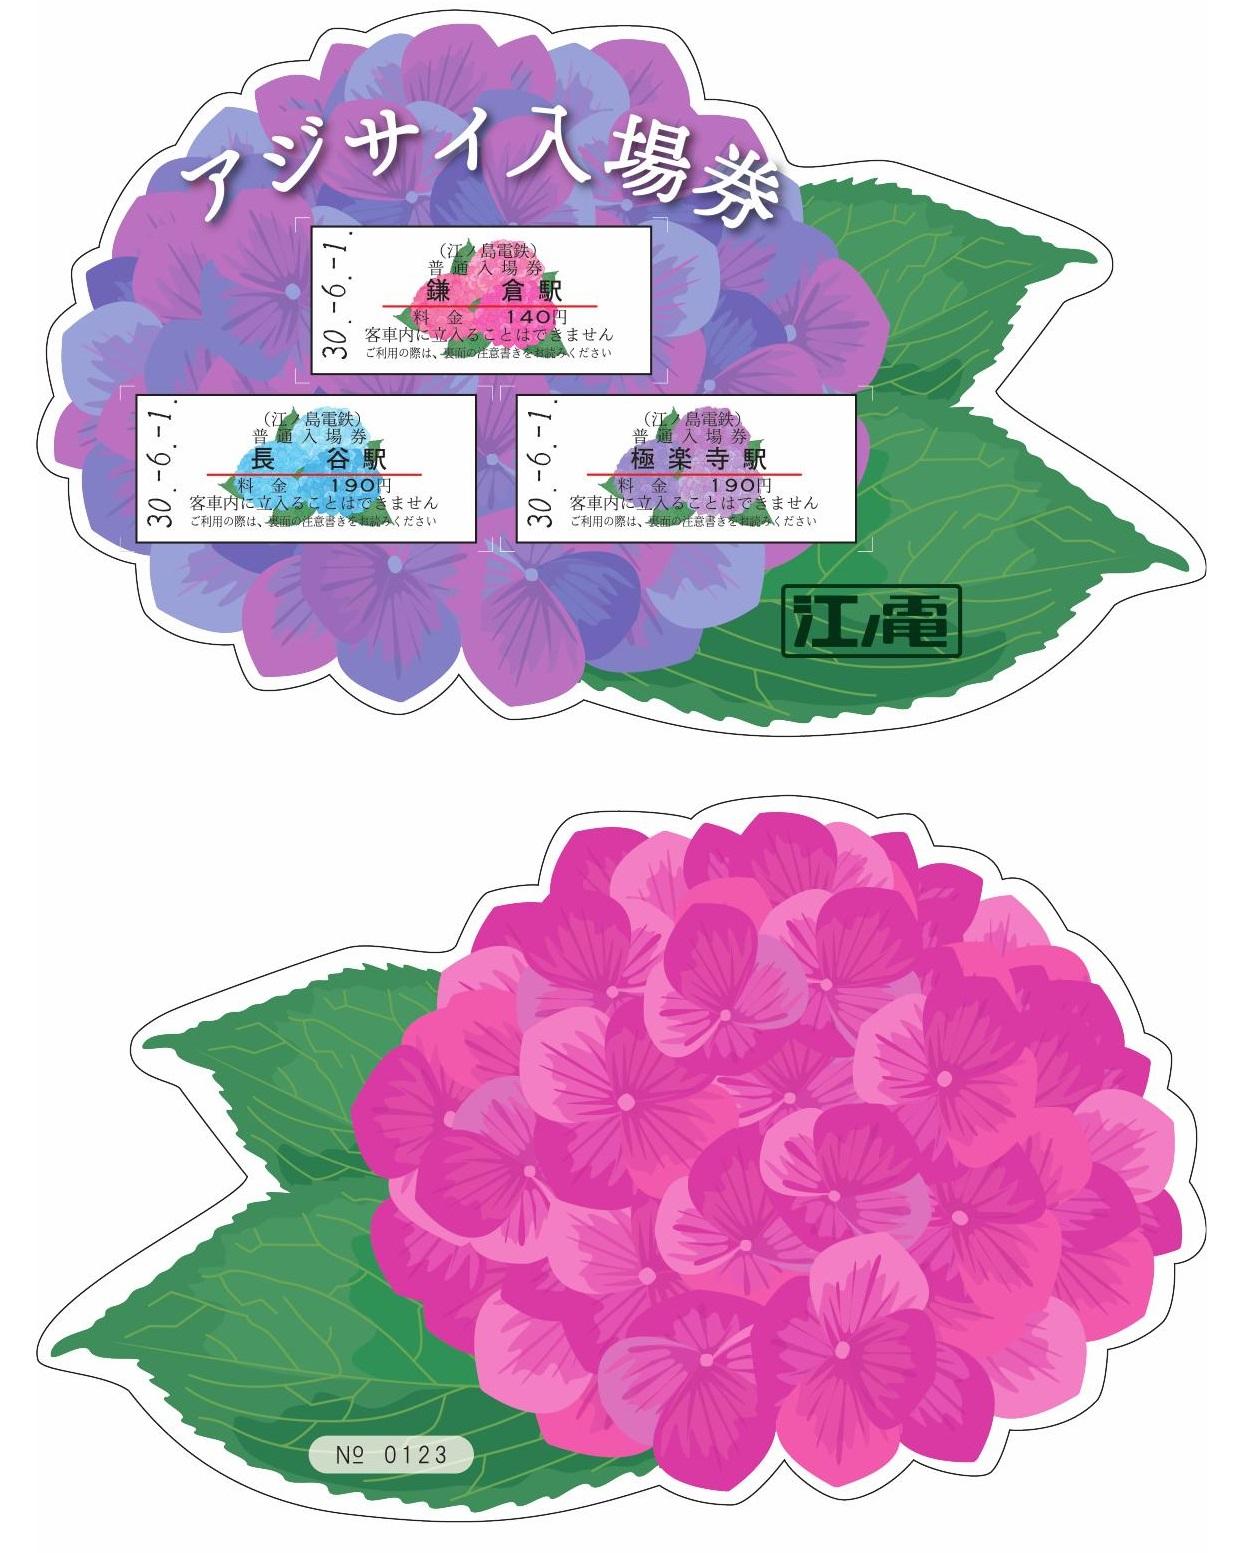 アジサイ入場券セット(イメージ)